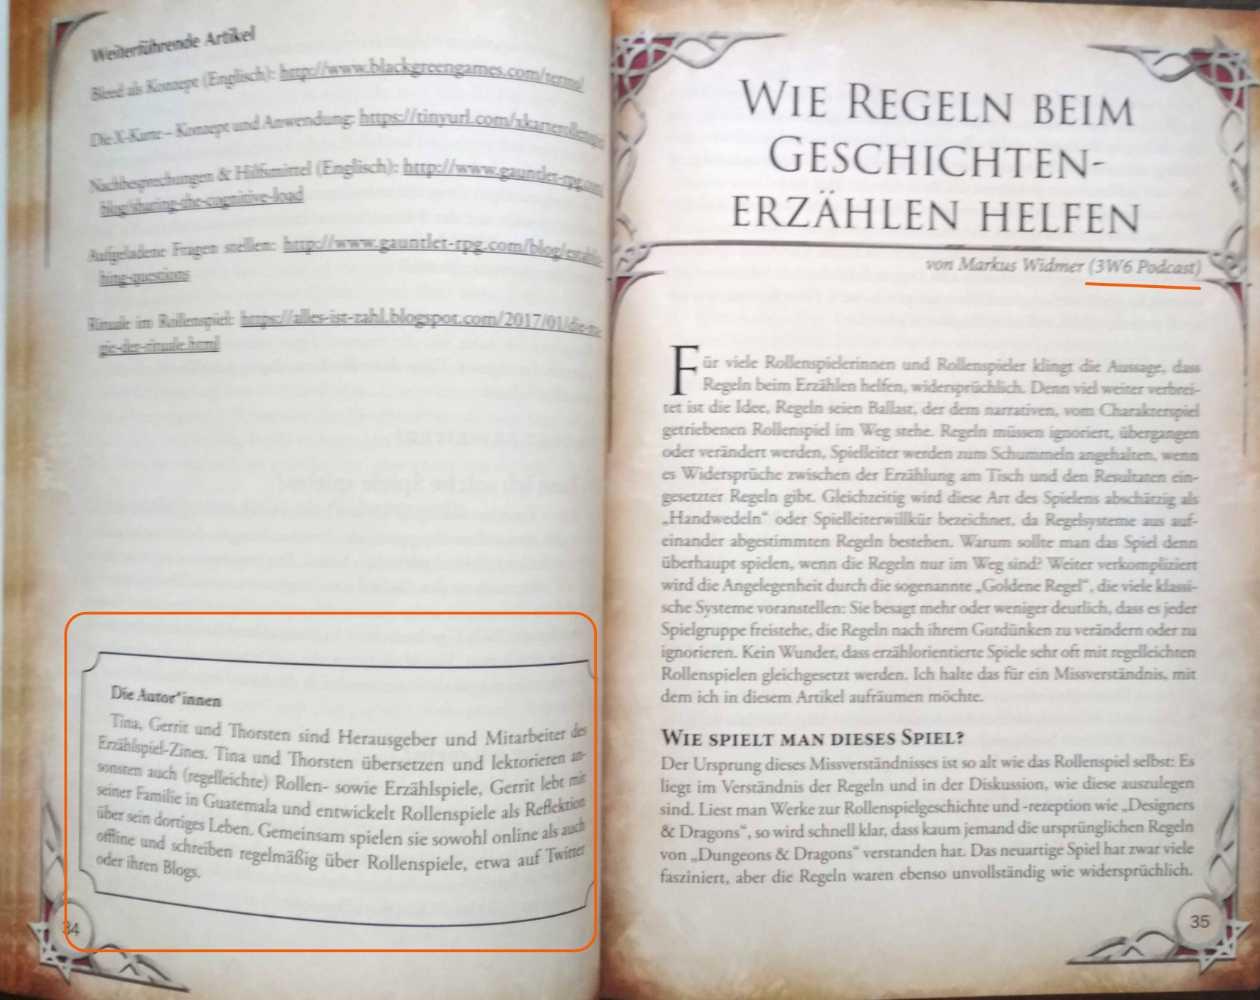 Letzte Seite mit Anfang des 3W6-Essays